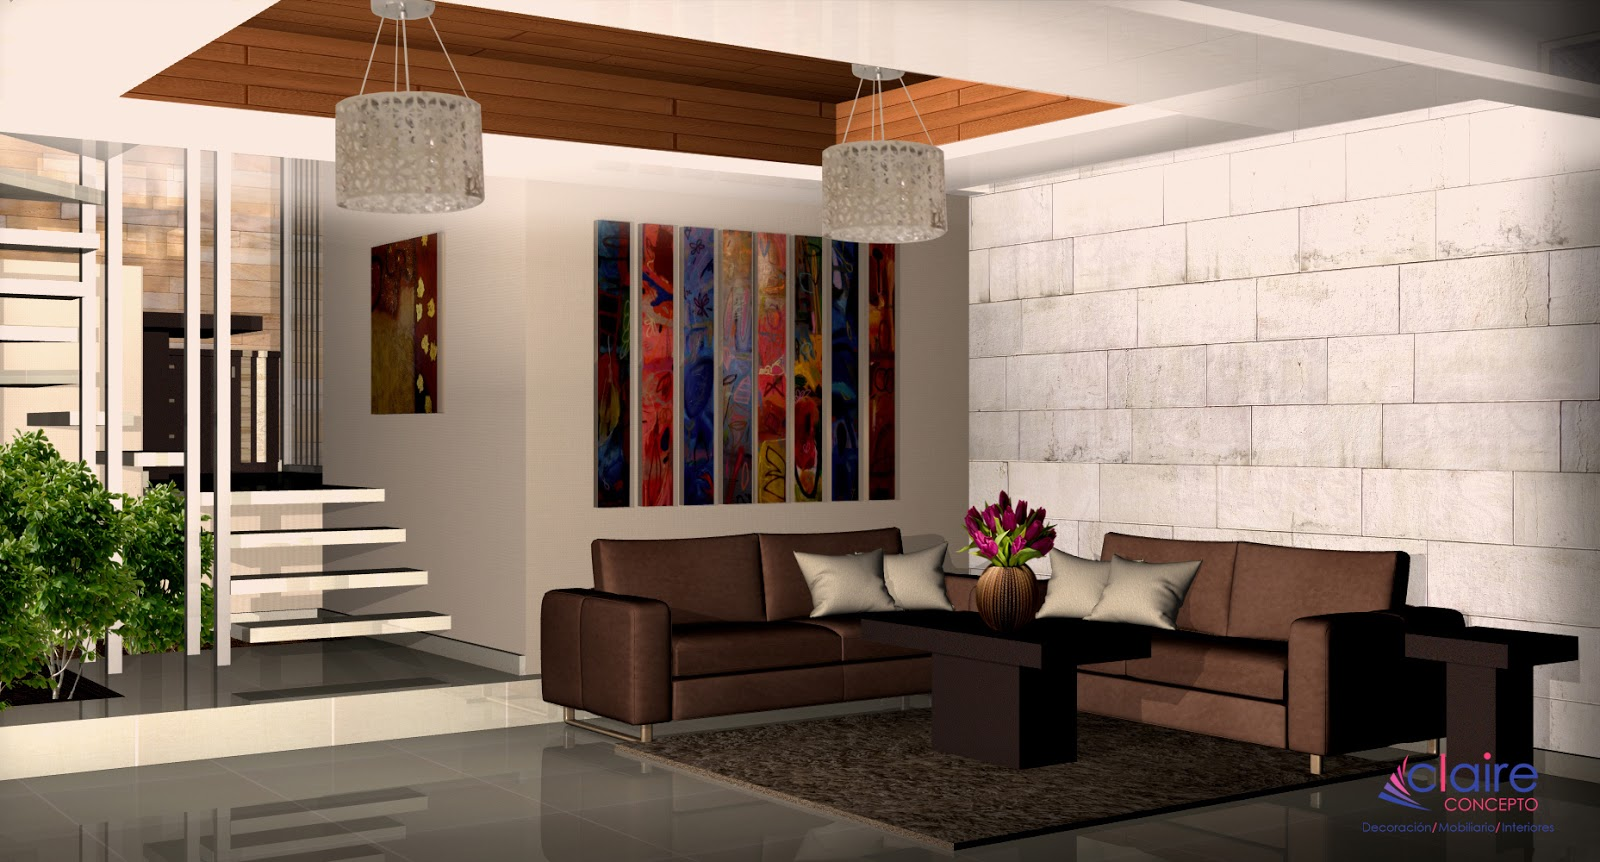 Plafones de tablaroca falso plaf n paredes decoradas y muebles minimalistas dise o de casas - Diseno y decoracion de casas ...